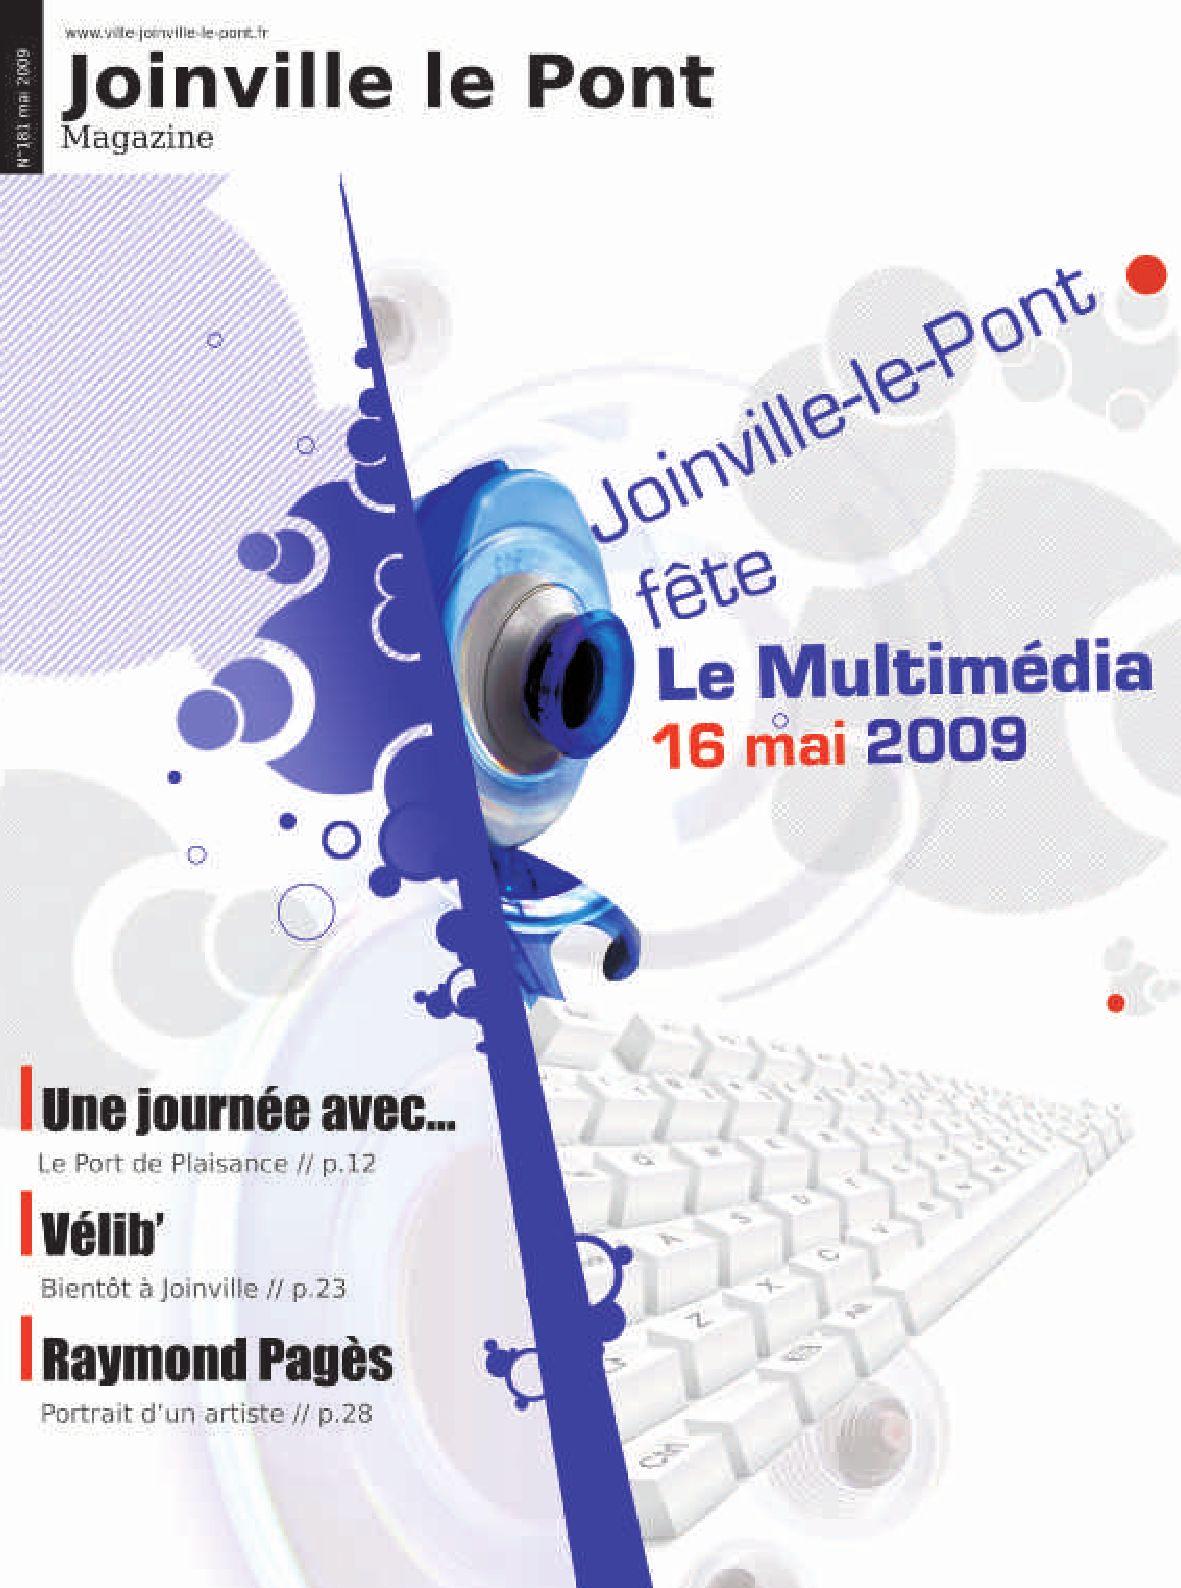 Joinville le pont magazine 181 mai09 by mairie de - Salon des gourmets joinville le pont ...